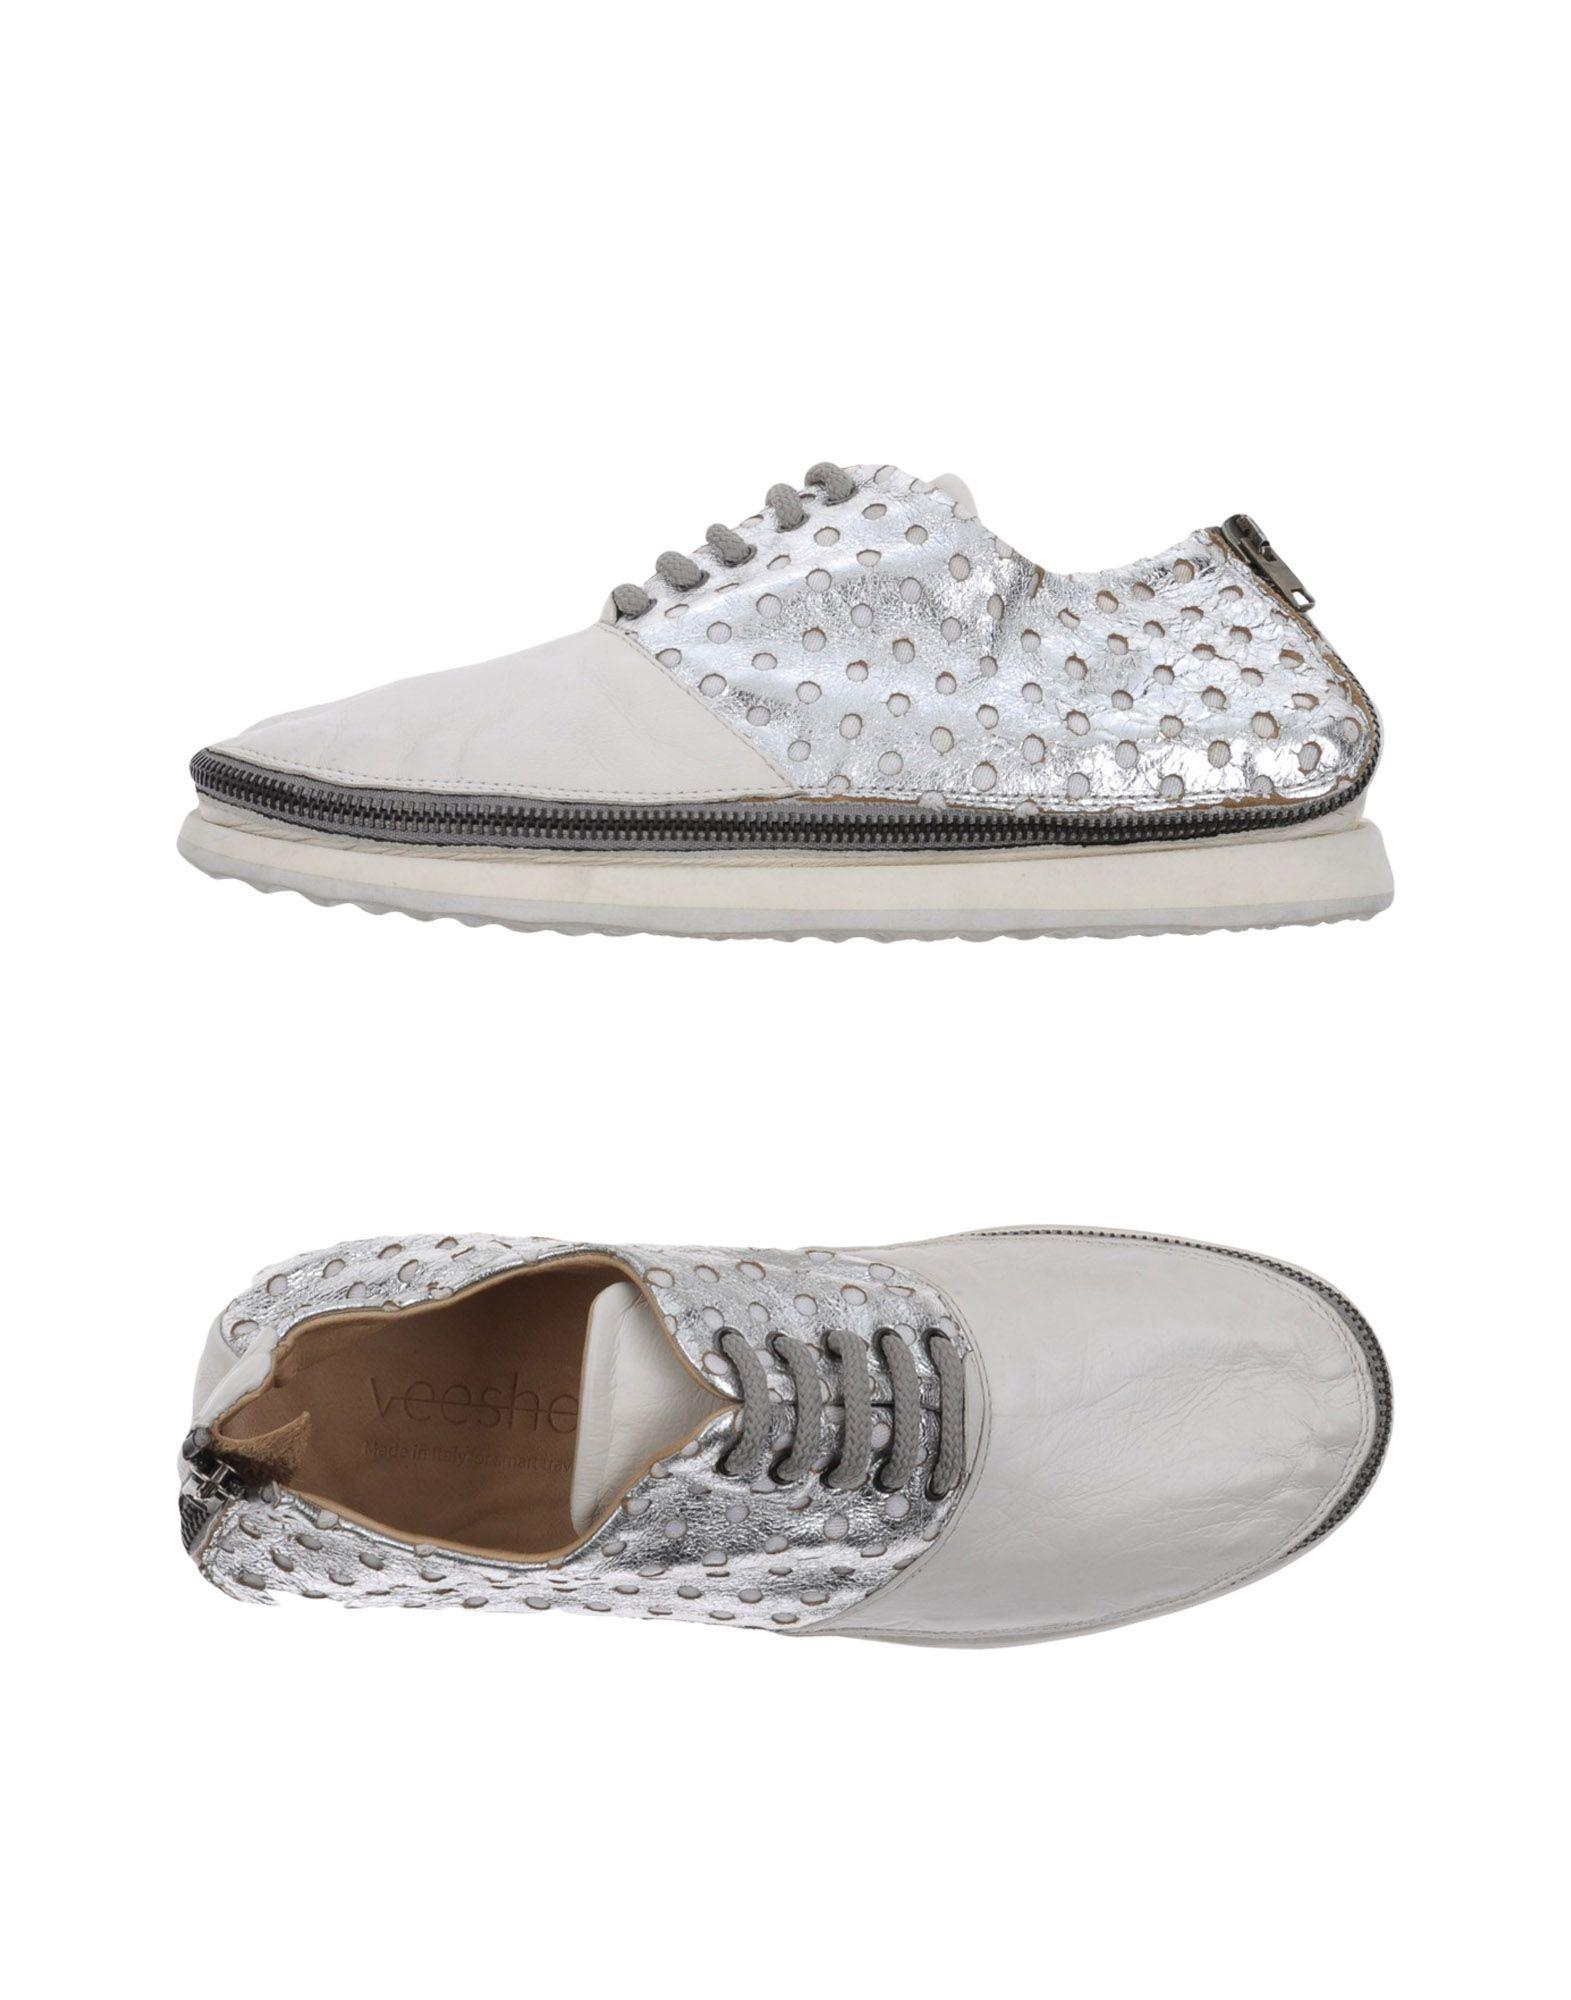 Scarpe economiche e resistenti Sneakers Veeshoo Donna - 11358900QK